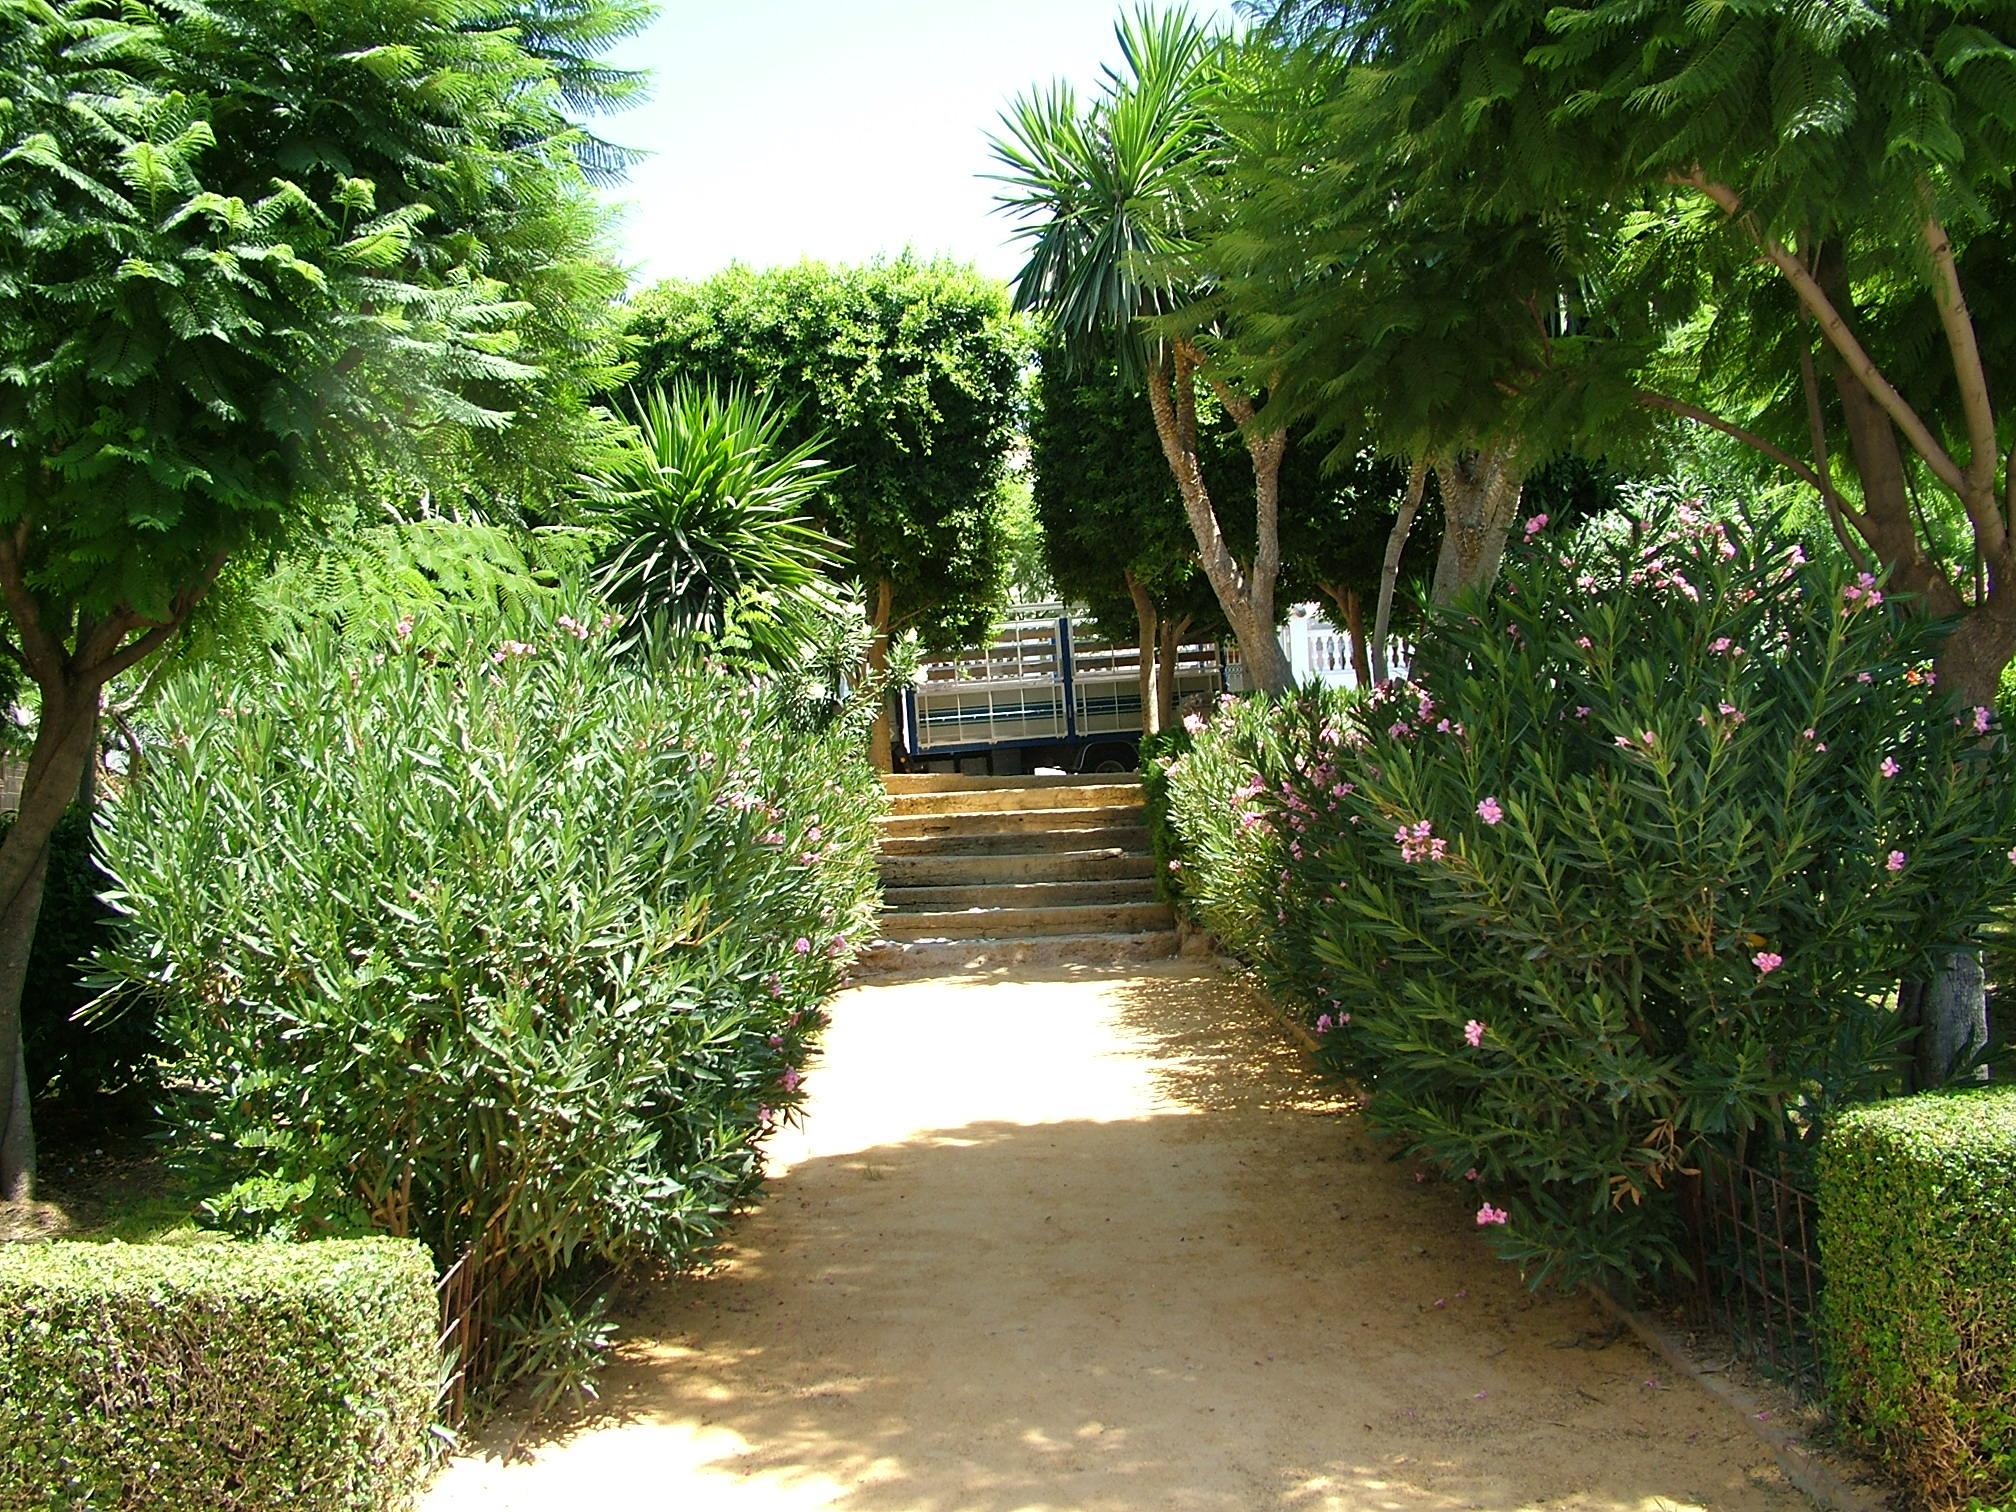 Ayuntamiento de berja parques y jardines for Jardines y parques